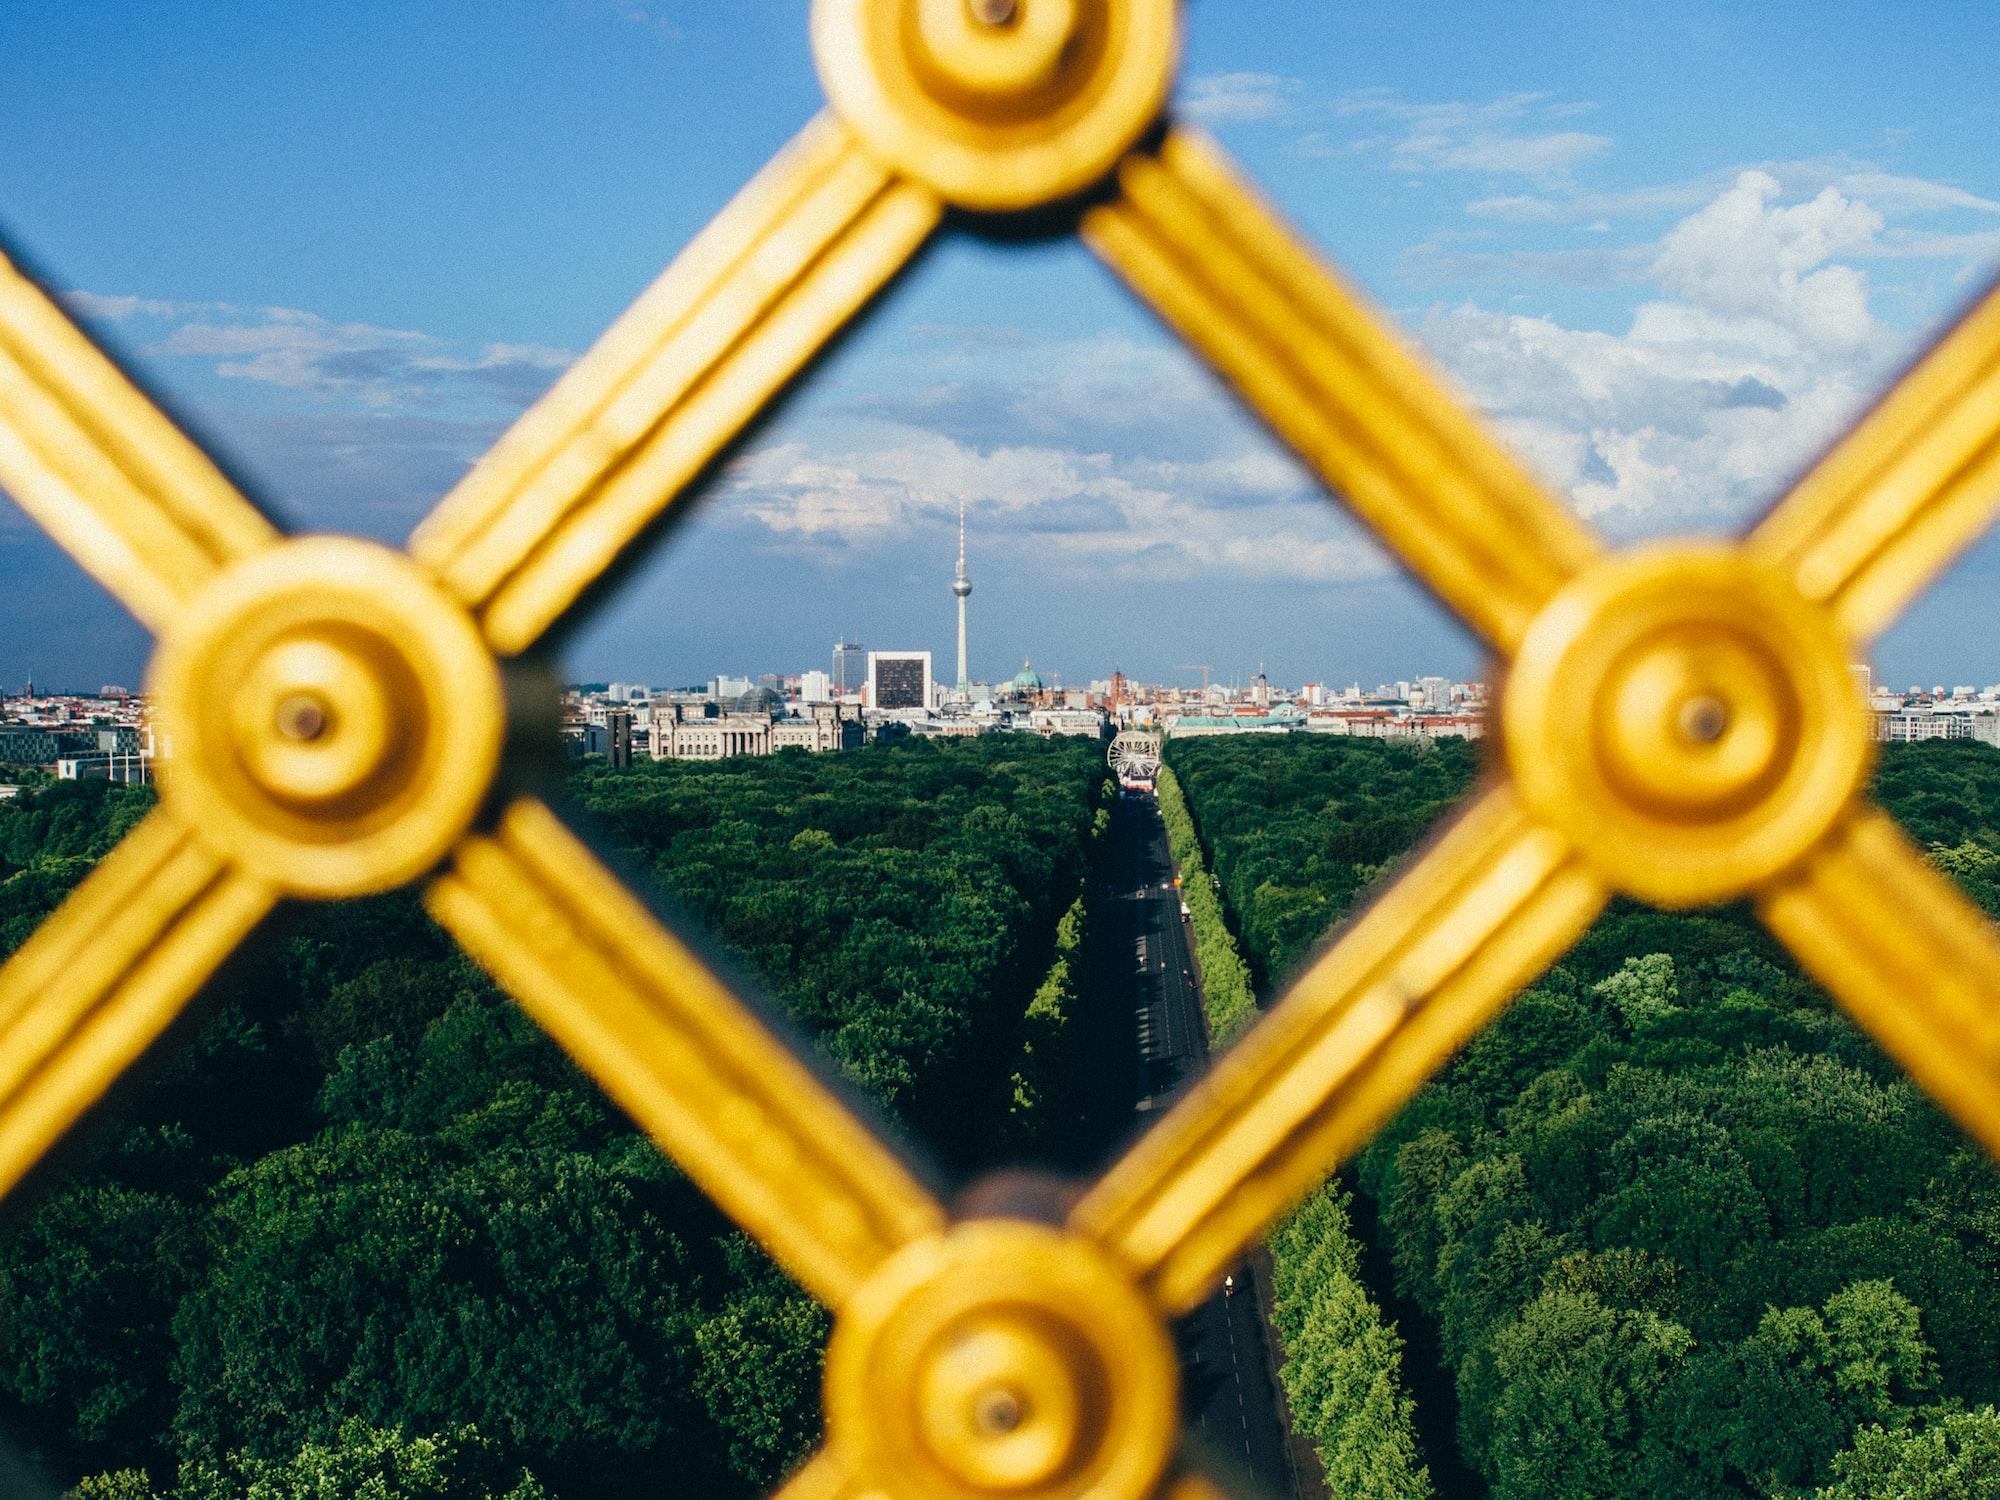 Dein Wochenende in Berlin...Tag 3- die Stadt genießen und erleben